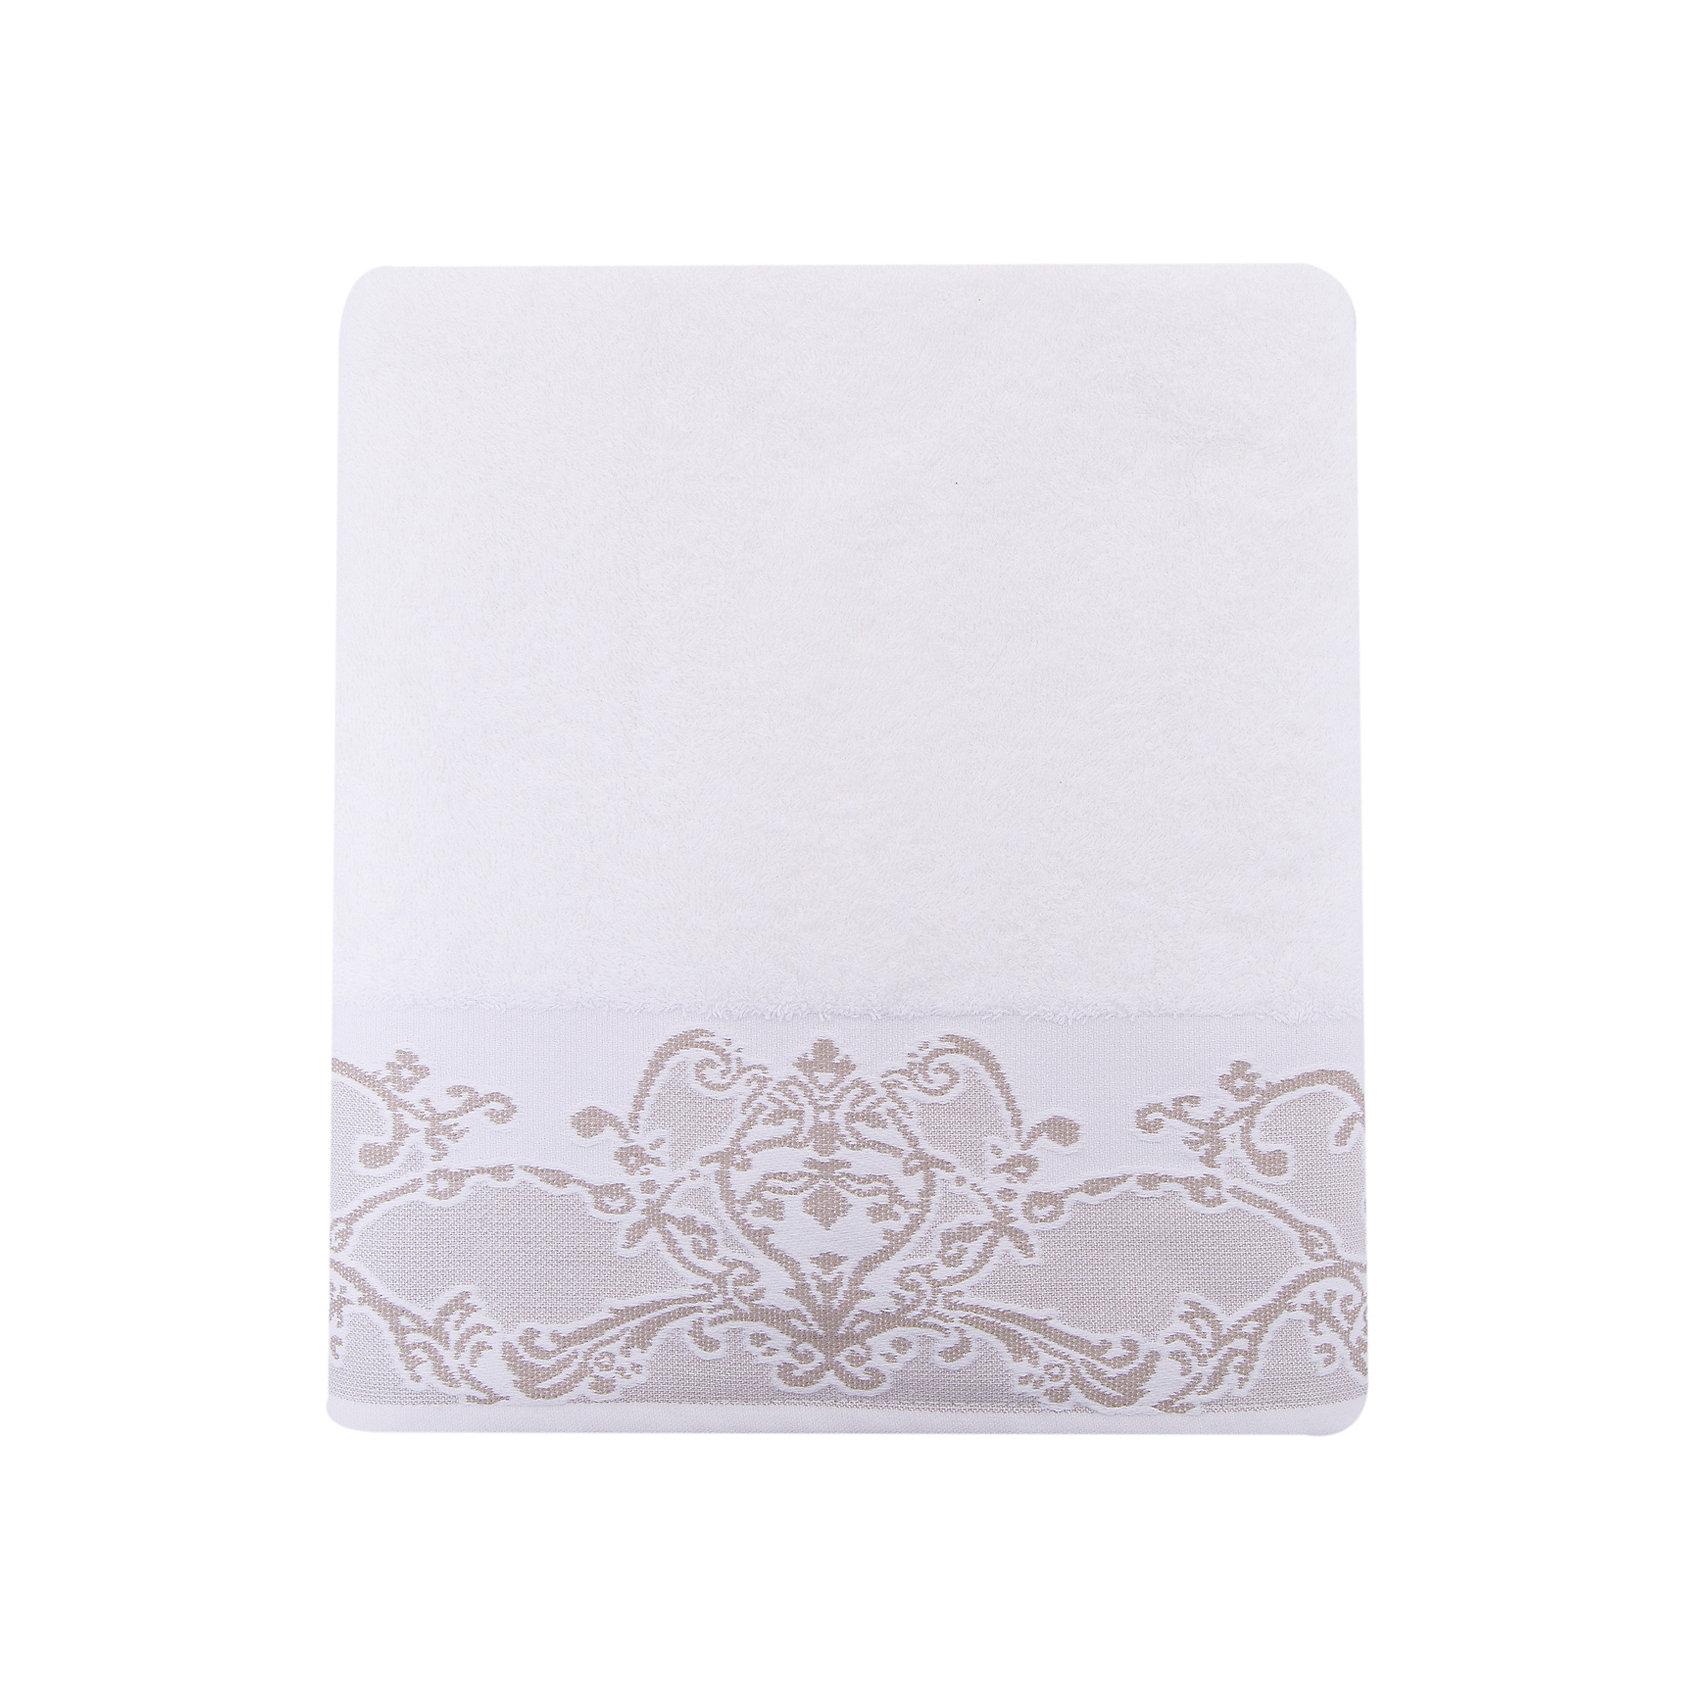 Полотенце махровое 70*140 Лукреция, Cozy Home, белыйВанная комната<br>Полотенце махровое 70*140 Лукреция, Cozy Home (Кози Хоум), белый<br><br>Характеристики:<br><br>• хорошо впитывает влагу<br>• привлекательный дизайн<br>• материал: хлопок<br>• размер: 70х140 см<br>• цвет: белый<br><br>Полотенце Лукреция изготовлена из тонкого мягкого хлопка, отвечающего всем требованиям качества. Изделие быстро впитает влагу, заботясь о вашей коже. Полотенце подходит даже для новорожденных благодаря своей гипоаллергенности. После многочисленных стирок полотенце не деформируется и не выцветает. Кроме того, изделие не впитывает неприятные запахи и обладает высокой прочностью. Край полотенца декорирован приятным контрастным узором.<br><br>Полотенце махровое 70*140 Лукреция, Cozy Home (Кози Хоум), белый вы можете купить в нашем интернет-магазине.<br><br>Ширина мм: 150<br>Глубина мм: 350<br>Высота мм: 150<br>Вес г: 350<br>Возраст от месяцев: 0<br>Возраст до месяцев: 216<br>Пол: Унисекс<br>Возраст: Детский<br>SKU: 5355336